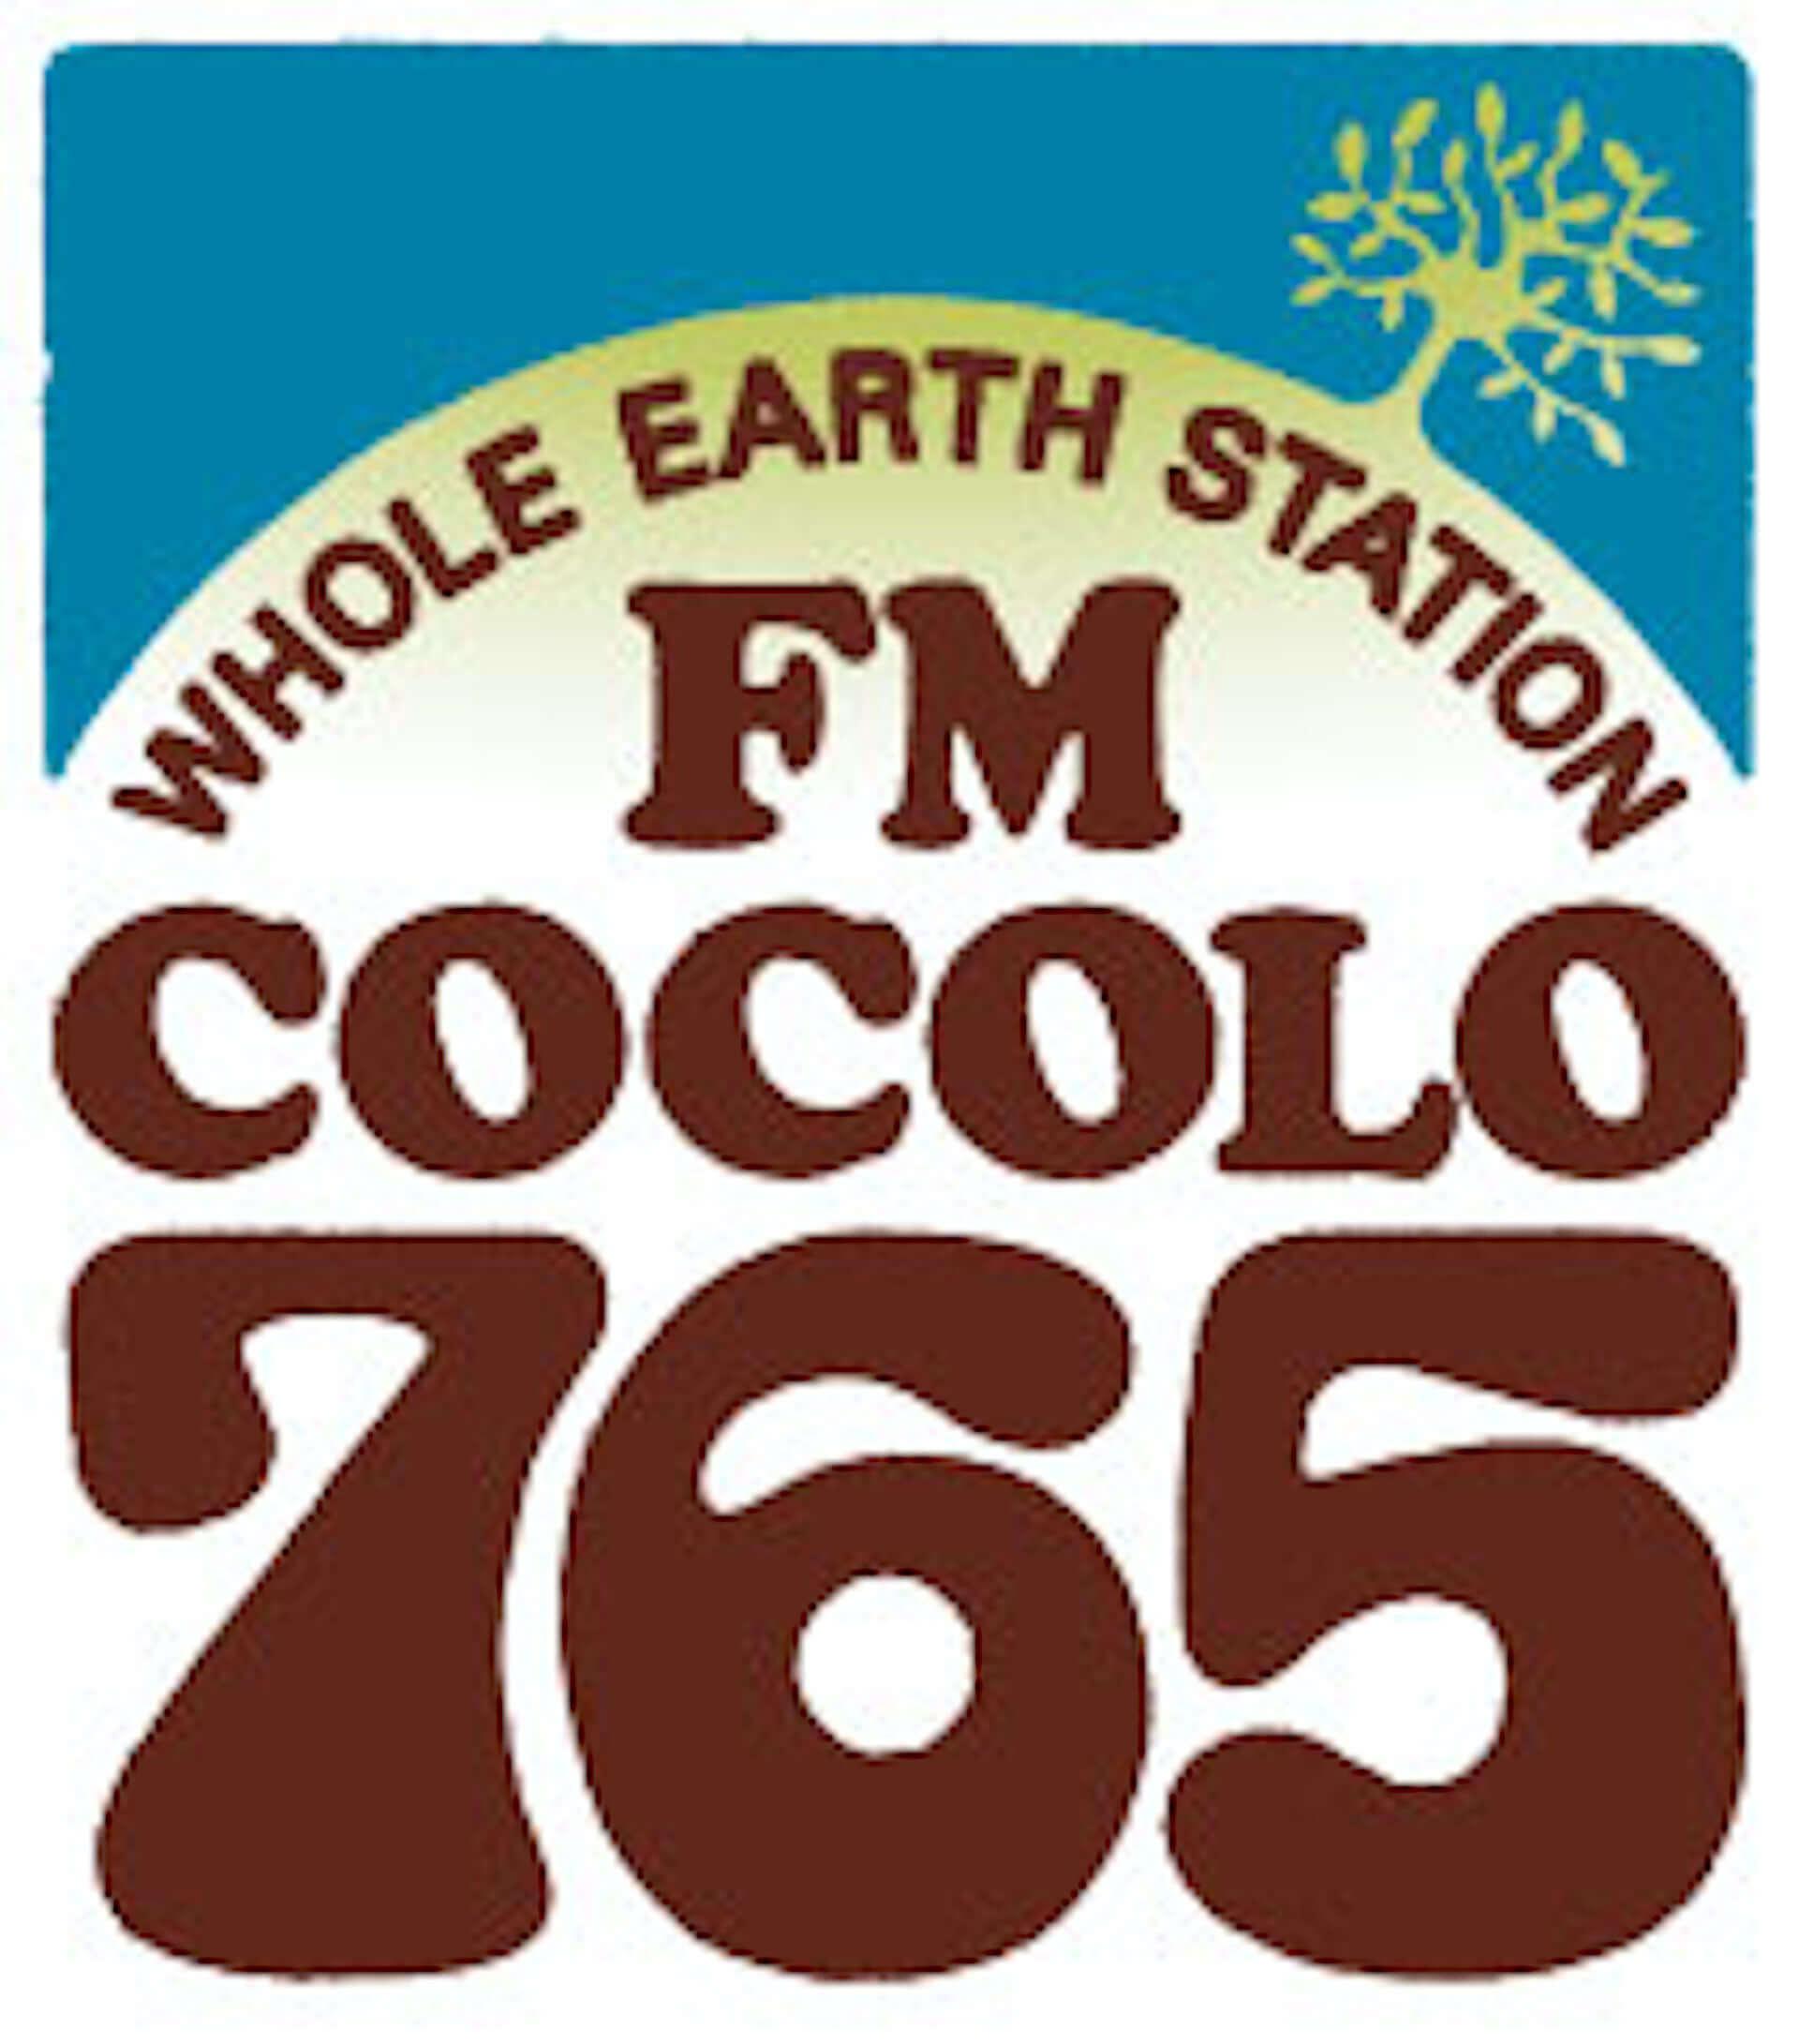 """FM COCOLOの公式YouTubeチャンネルが明日開設!スチャダラパー・ANIがメンバーらと語った""""今夜はブギー・バック""""の誕生秘話も収録のトークダイジェスト公開 music200730_fm-cocolo_3-1920x2181"""